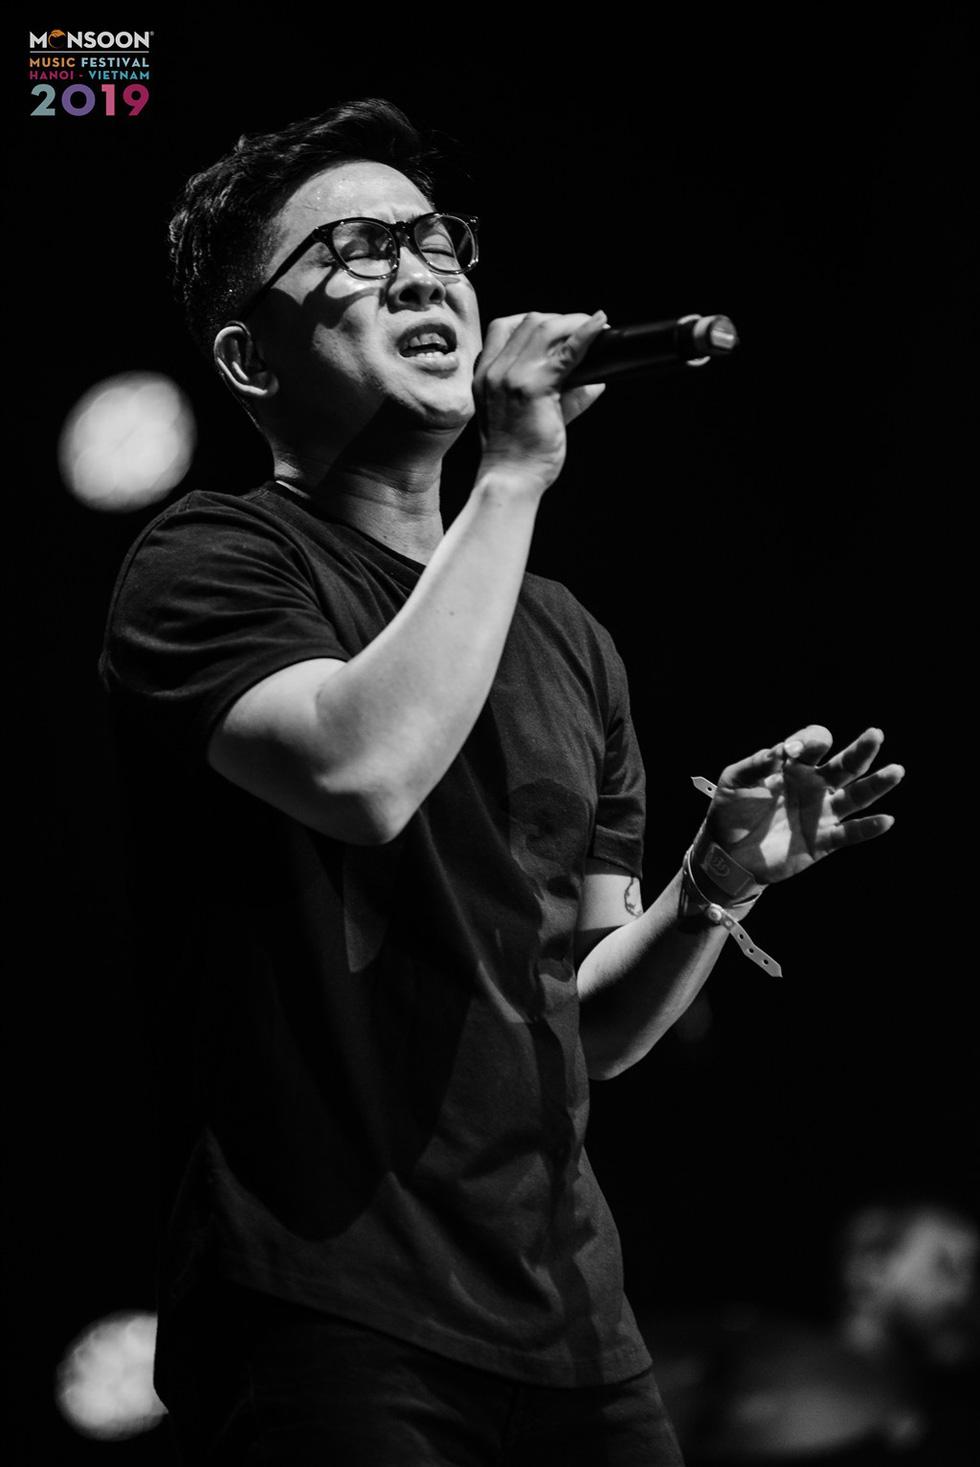 Nhạc sĩ Quốc Trung giấu giờ diễn của Monsoon vì lý do gì? - Ảnh 7.